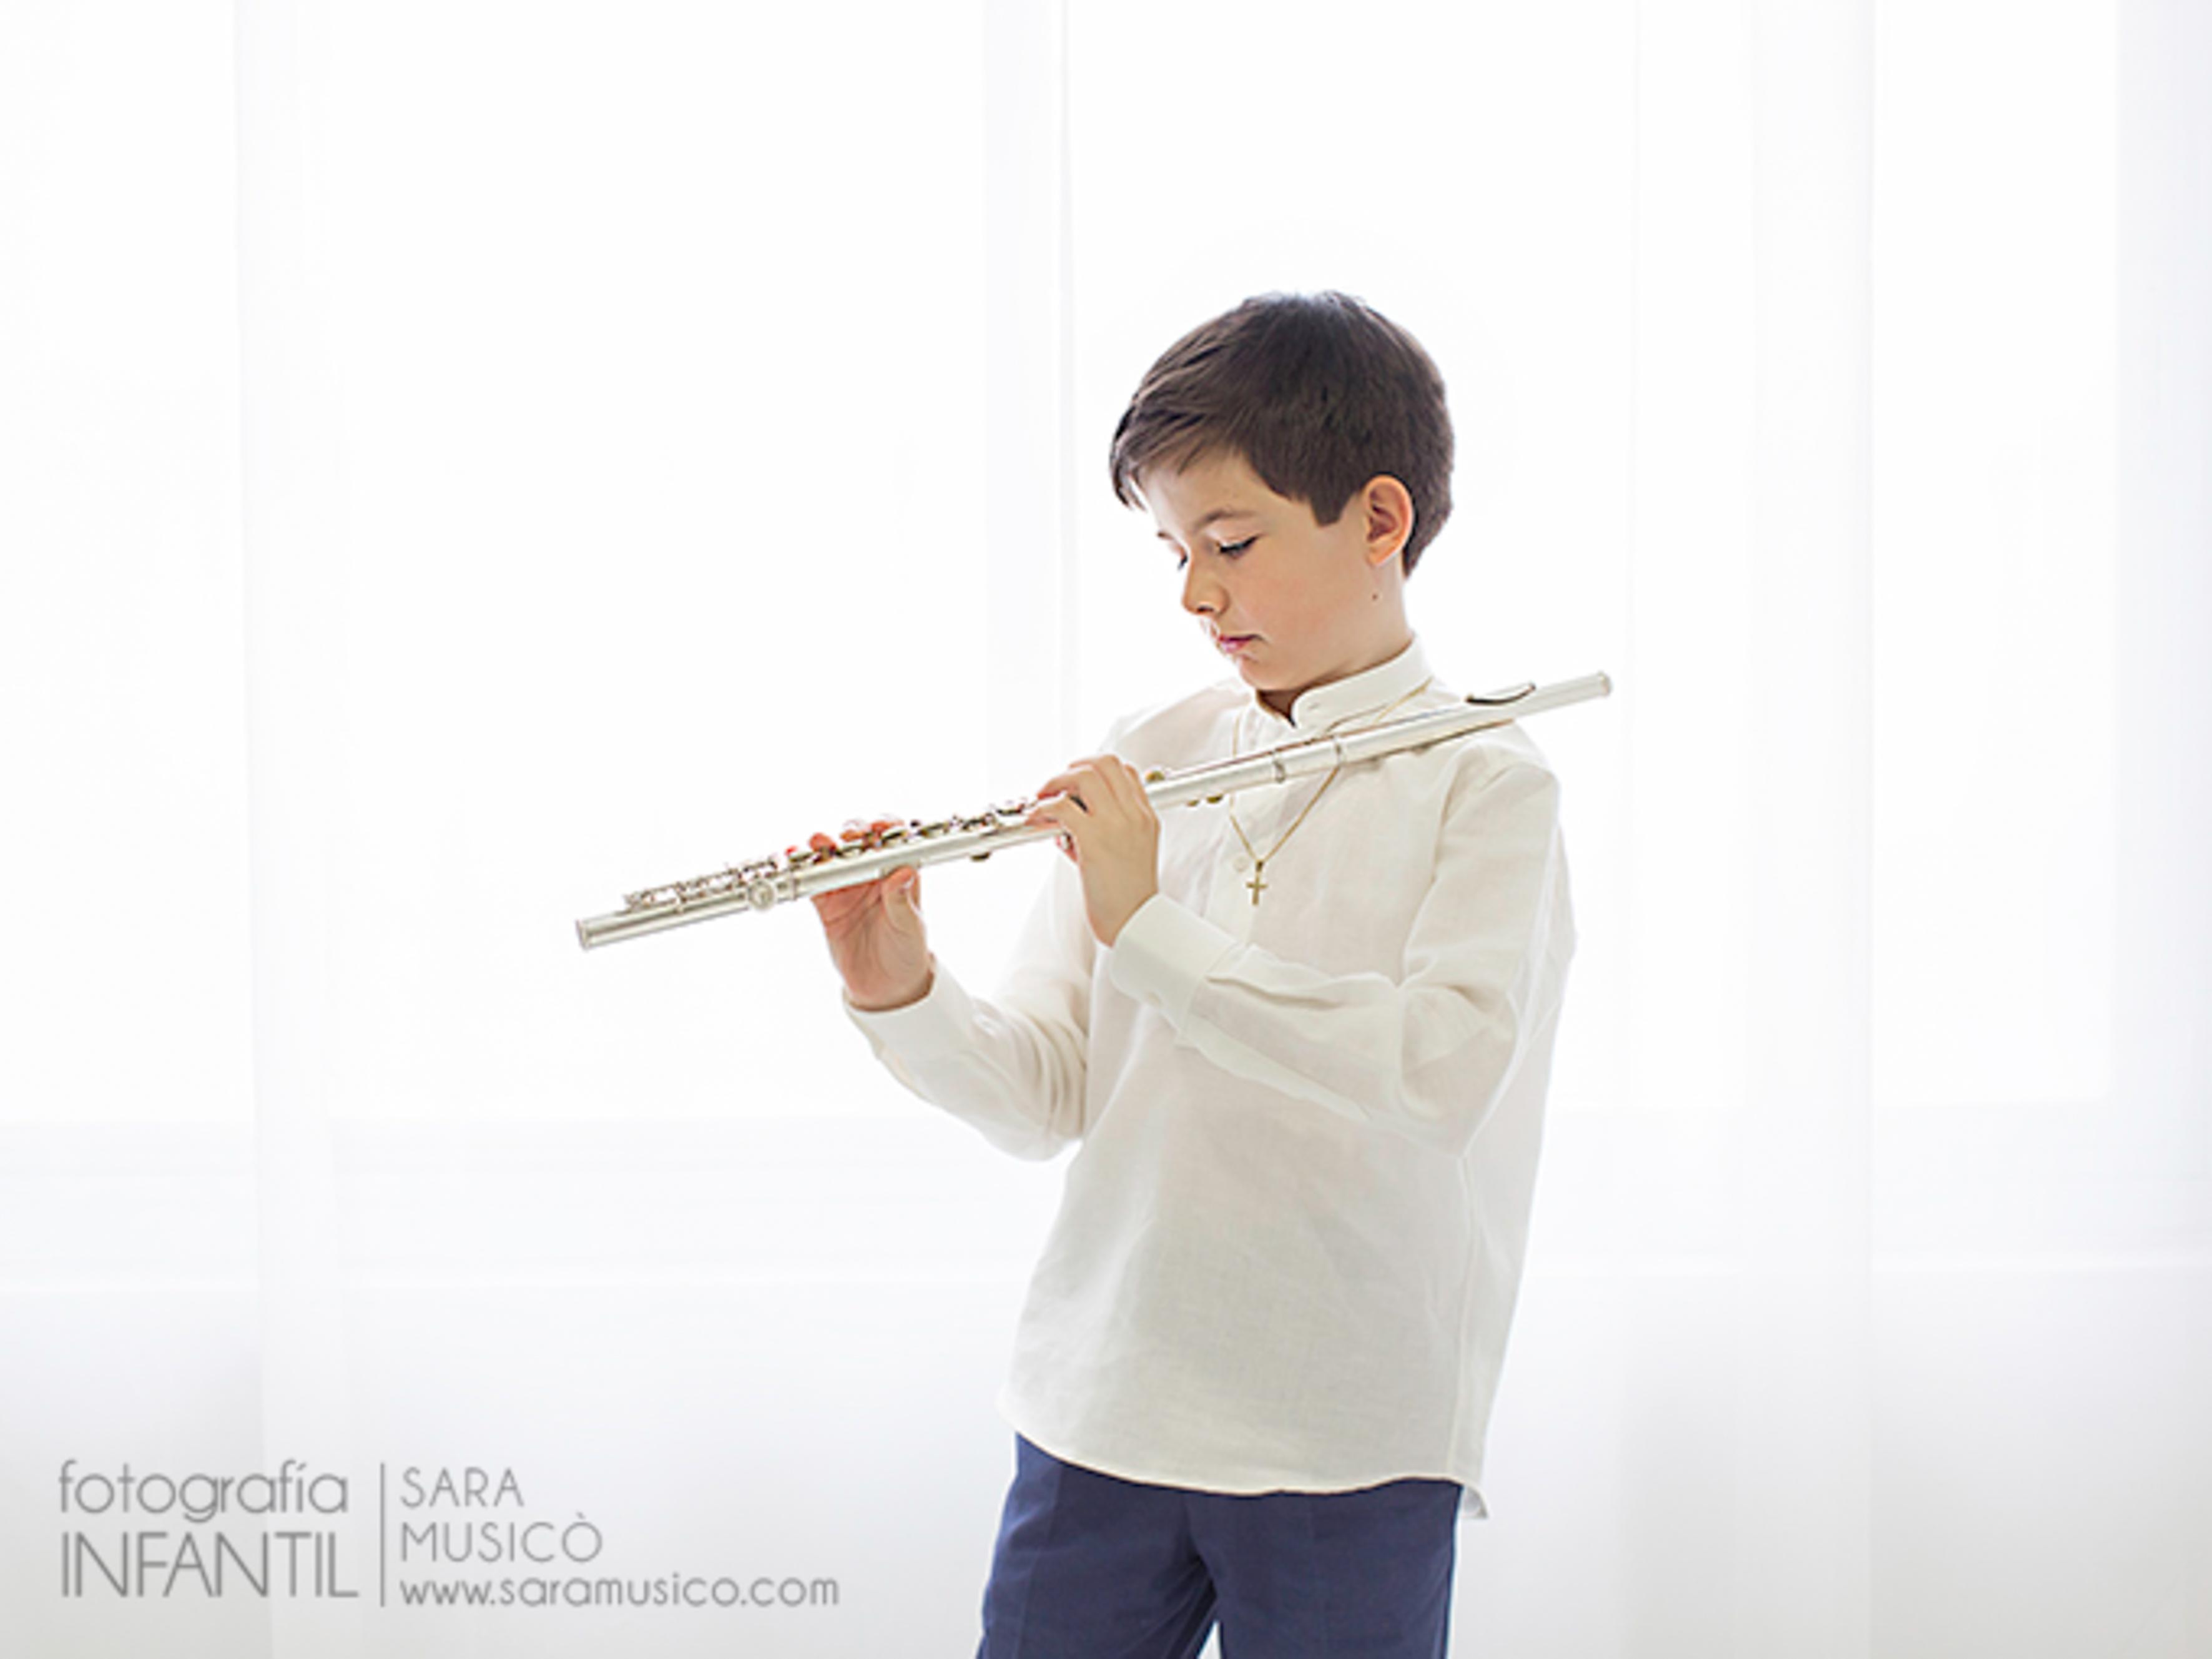 fotos-de-comunion-madrid-fotografia-primera-comunion-1-saramusico